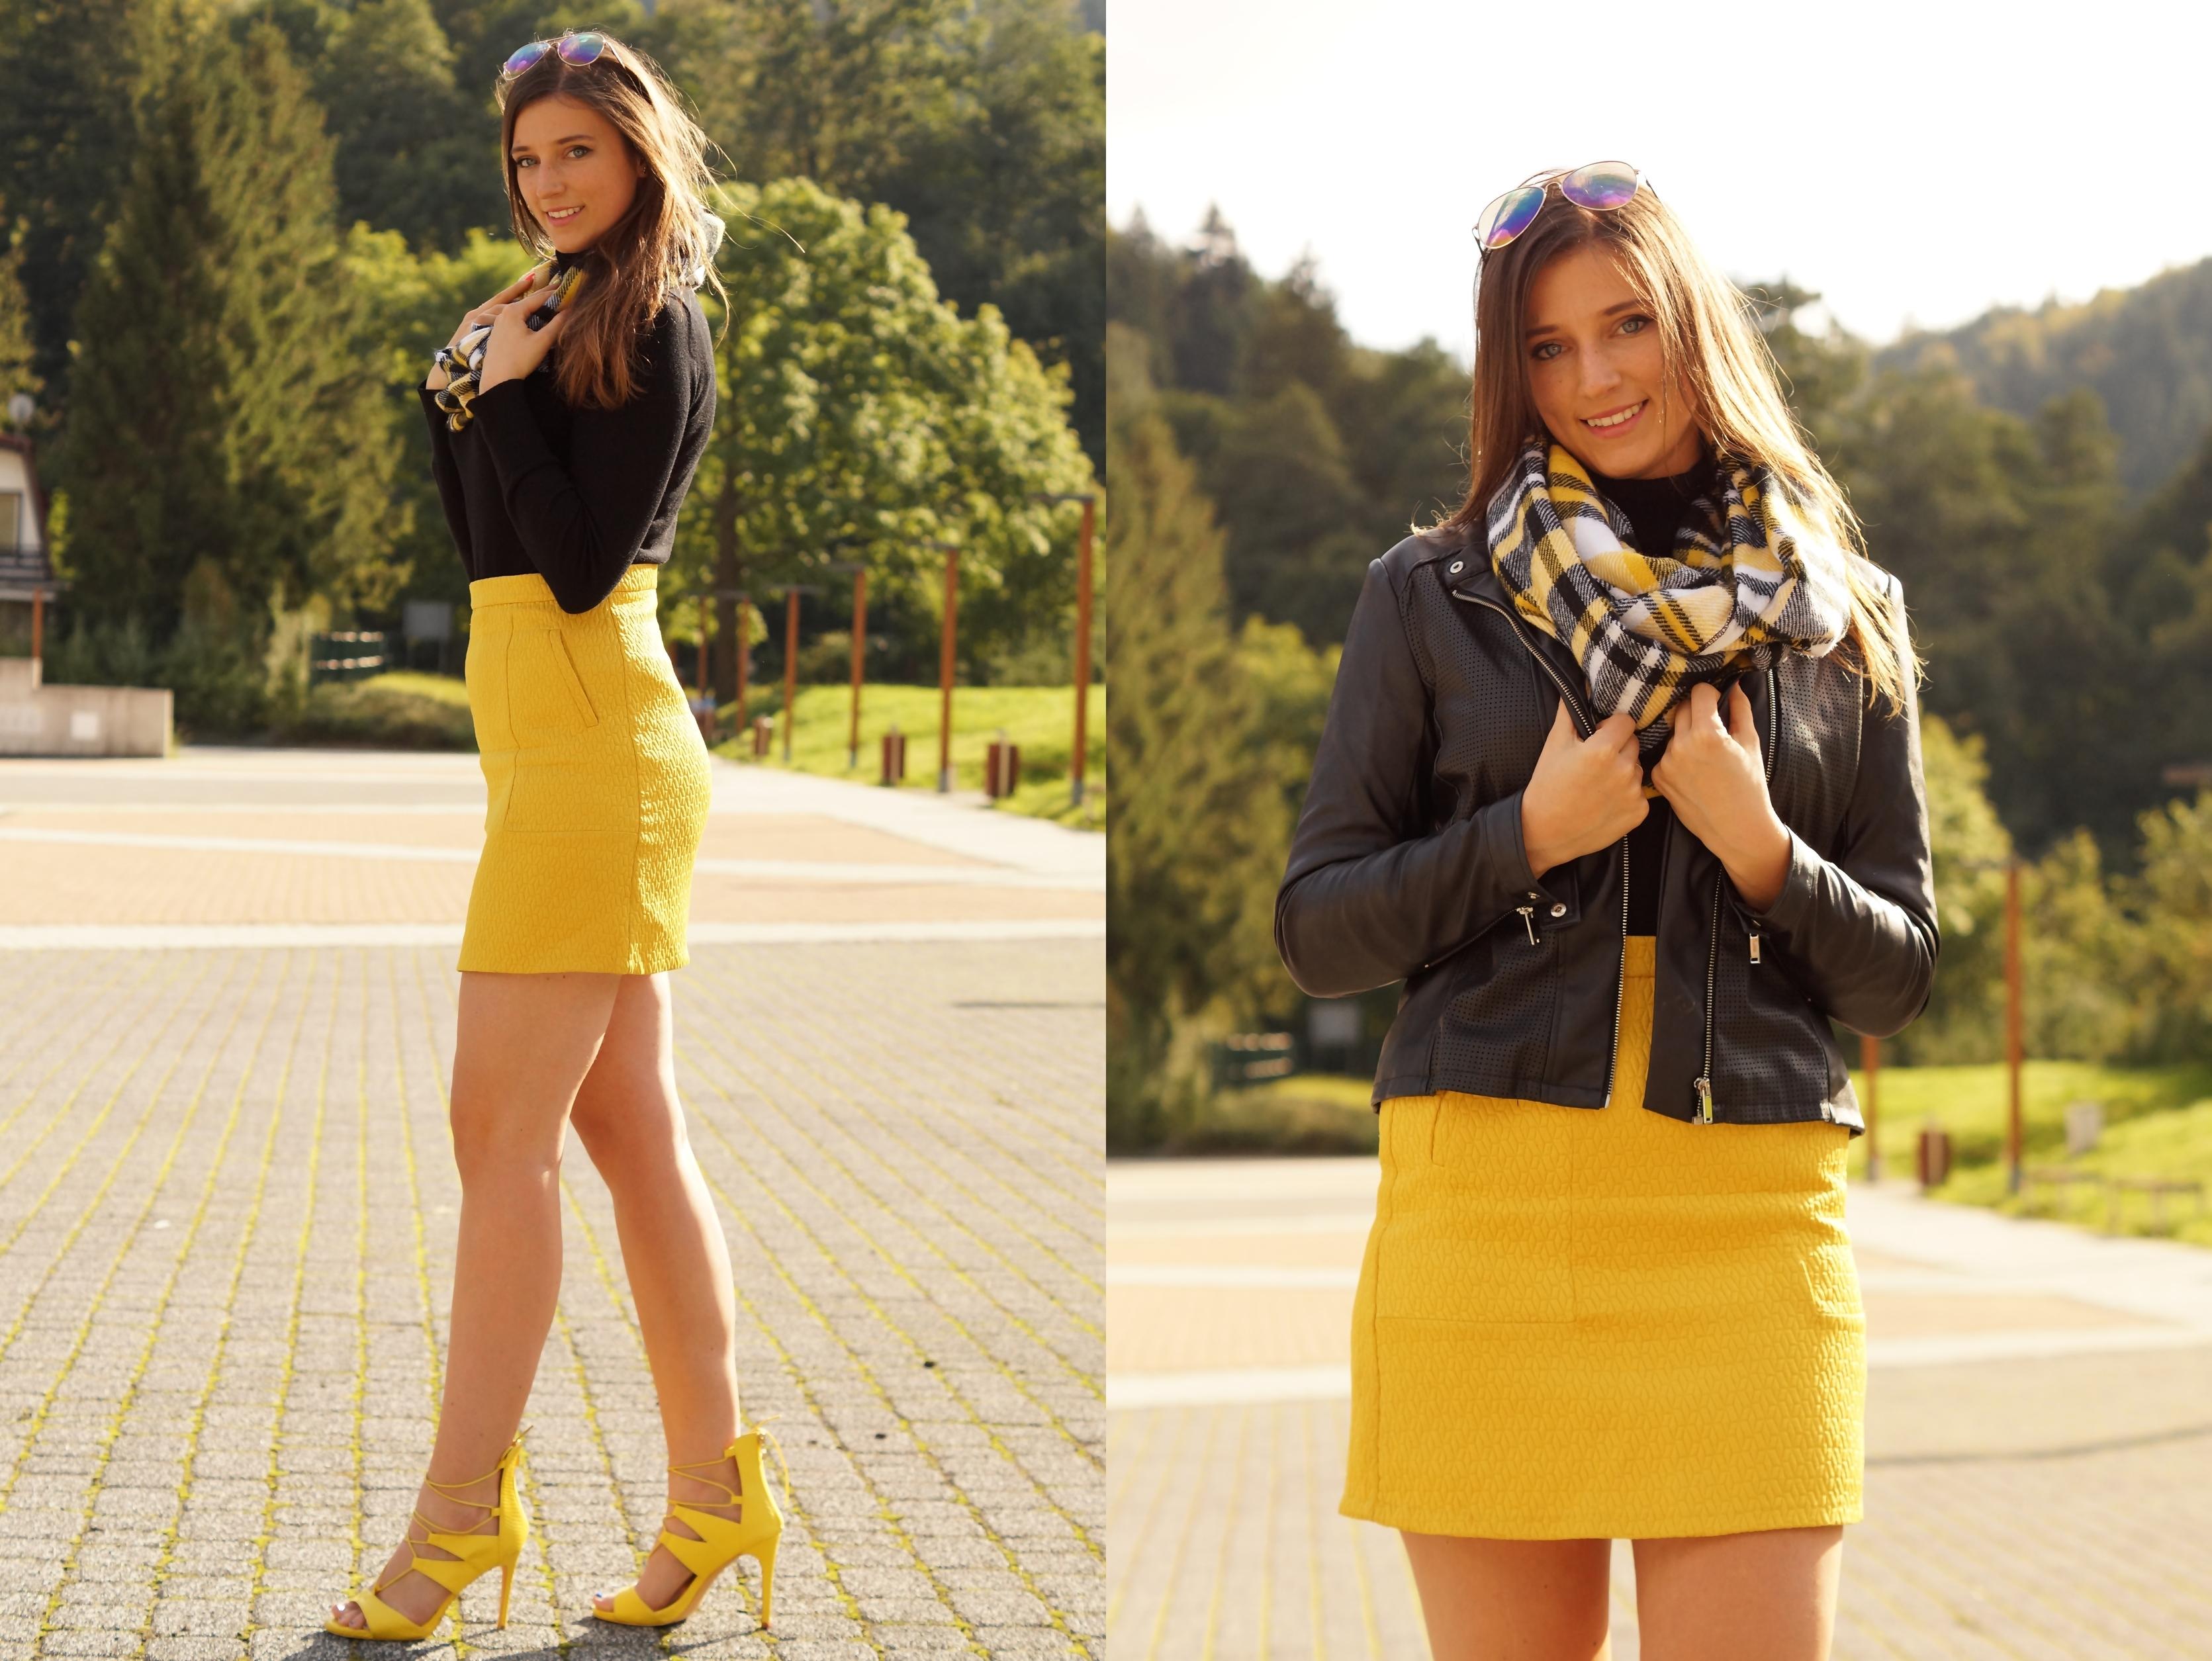 Żółta spódnica stylizacje